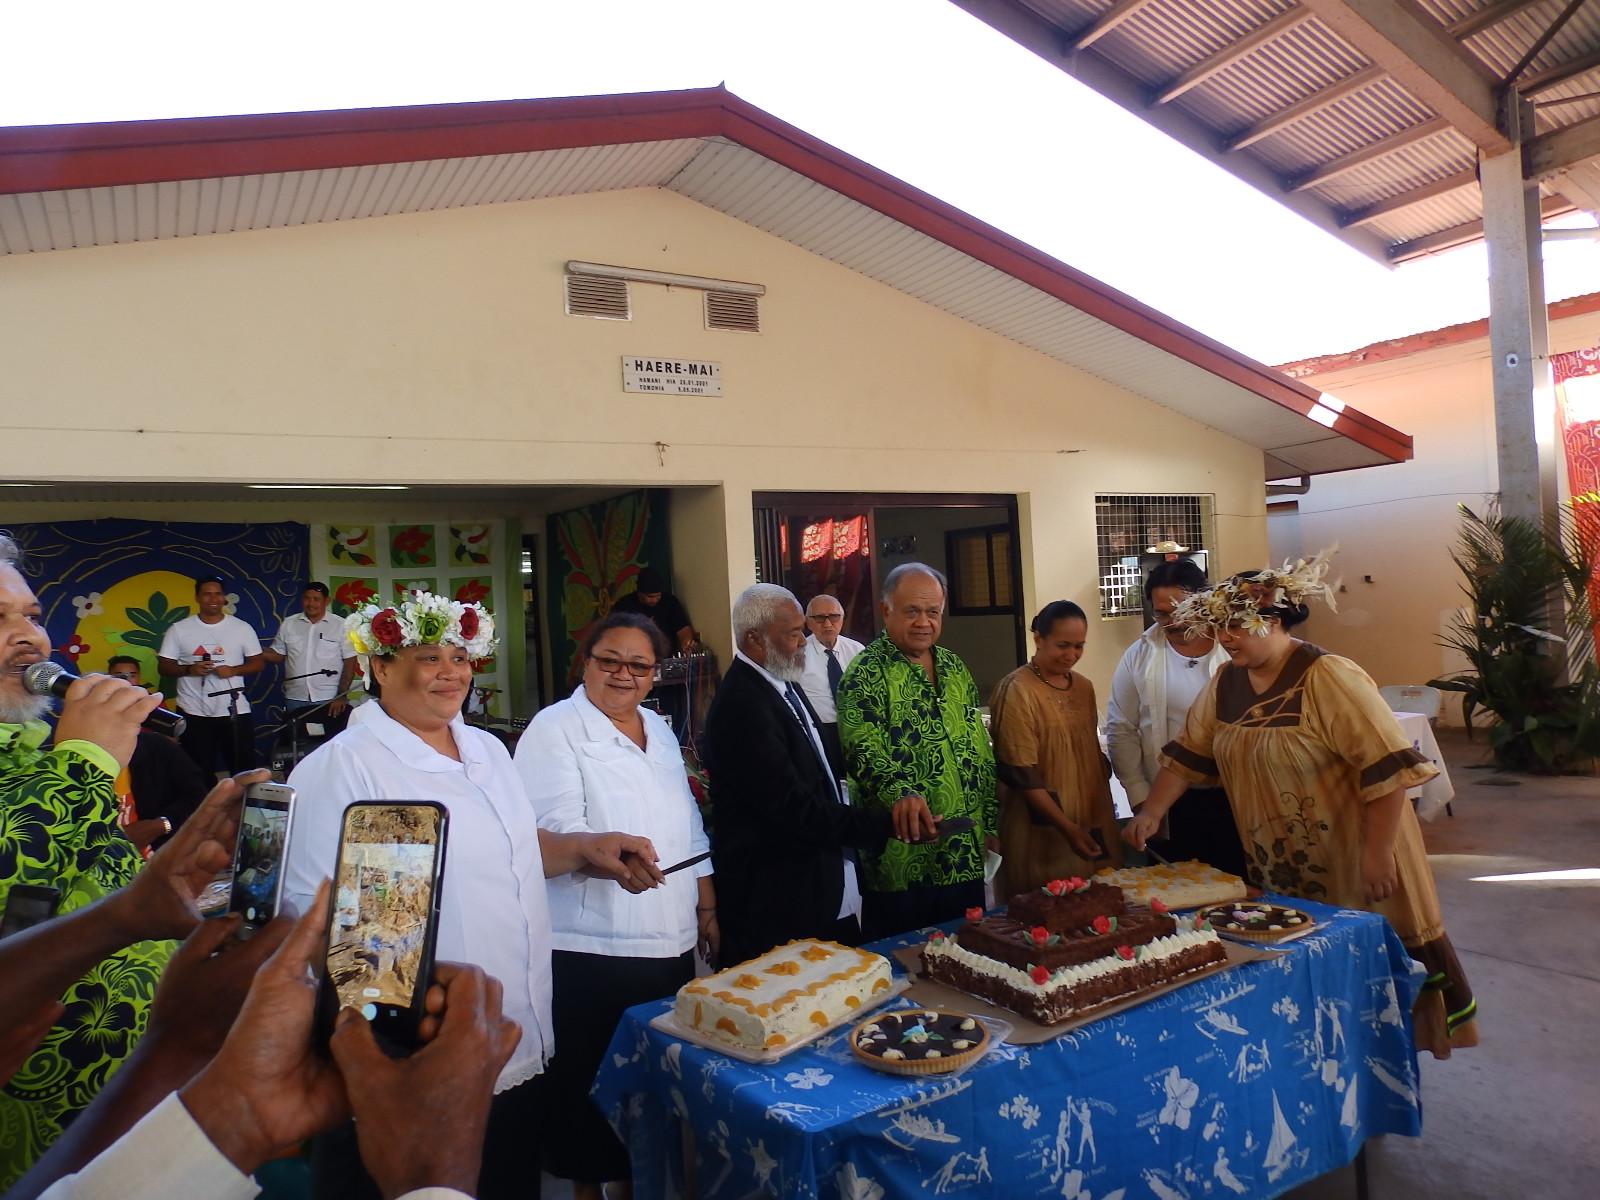 Les évangélistes, les diacres, et les 2 présidents devant les gâteaux qui ont été préparés pour cet événement